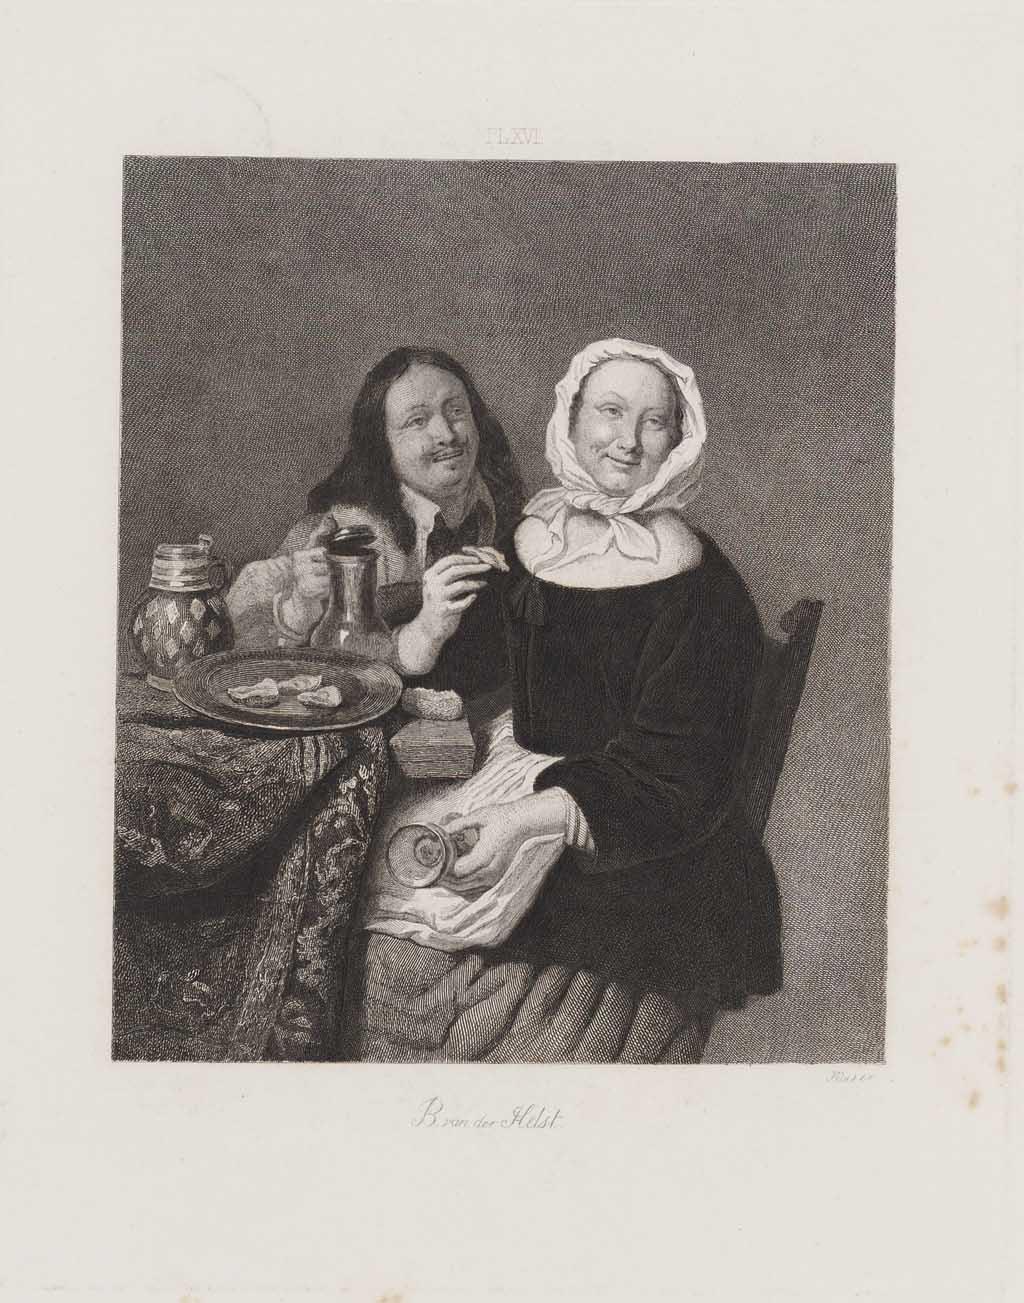 Zogenaamd B. van der Helst en zijn vrouw